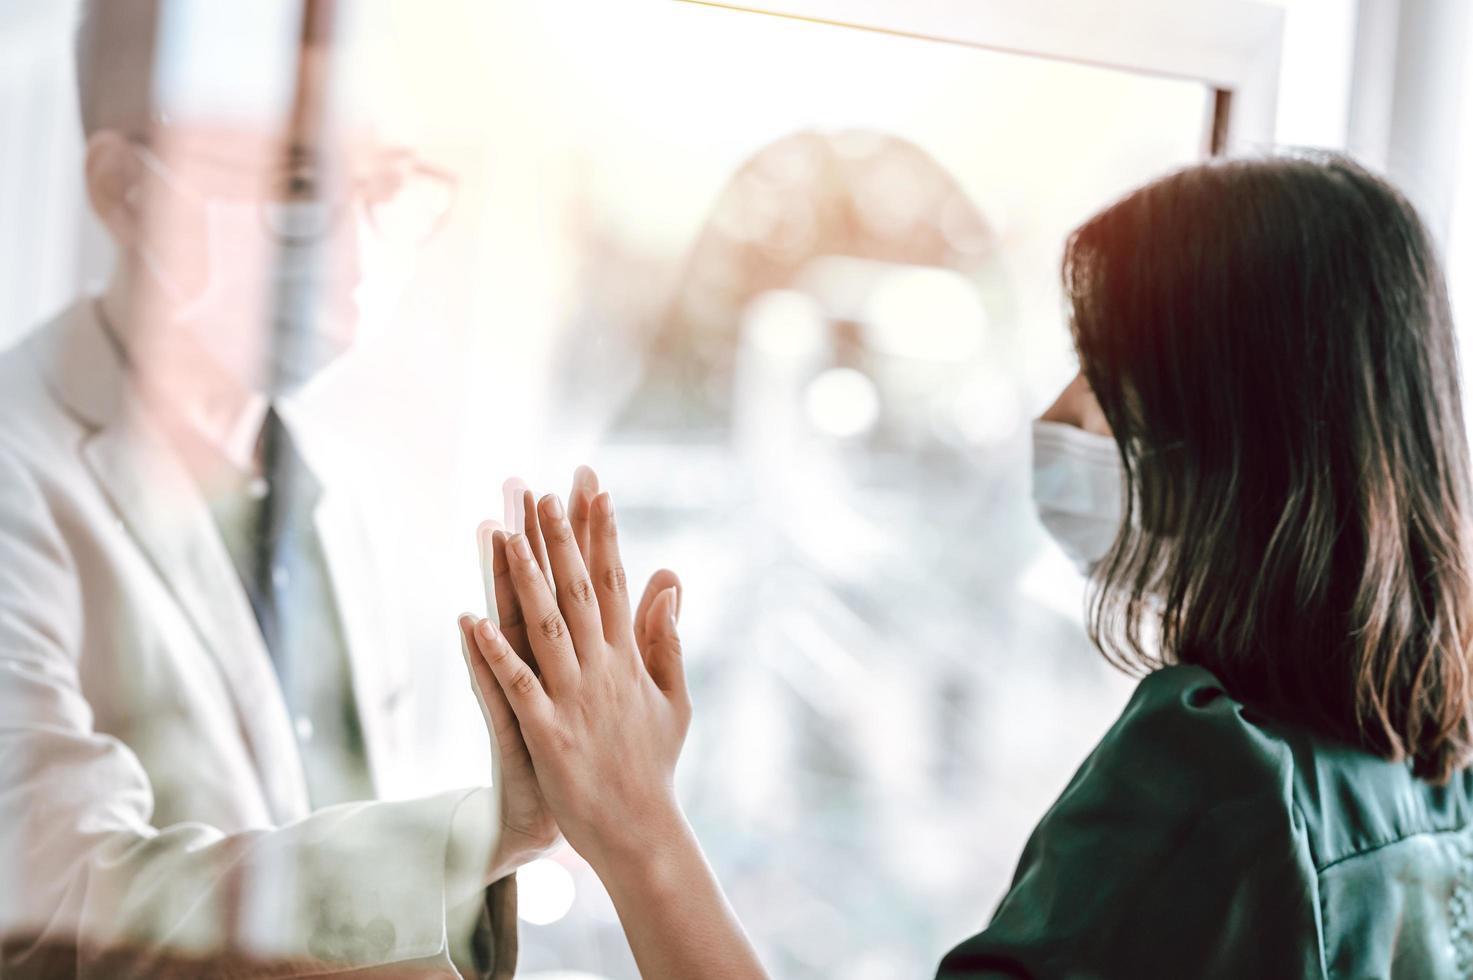 asiatisches Paar mit Gesichtsmaske aus gesundheitlichen Gründen getrennt foto